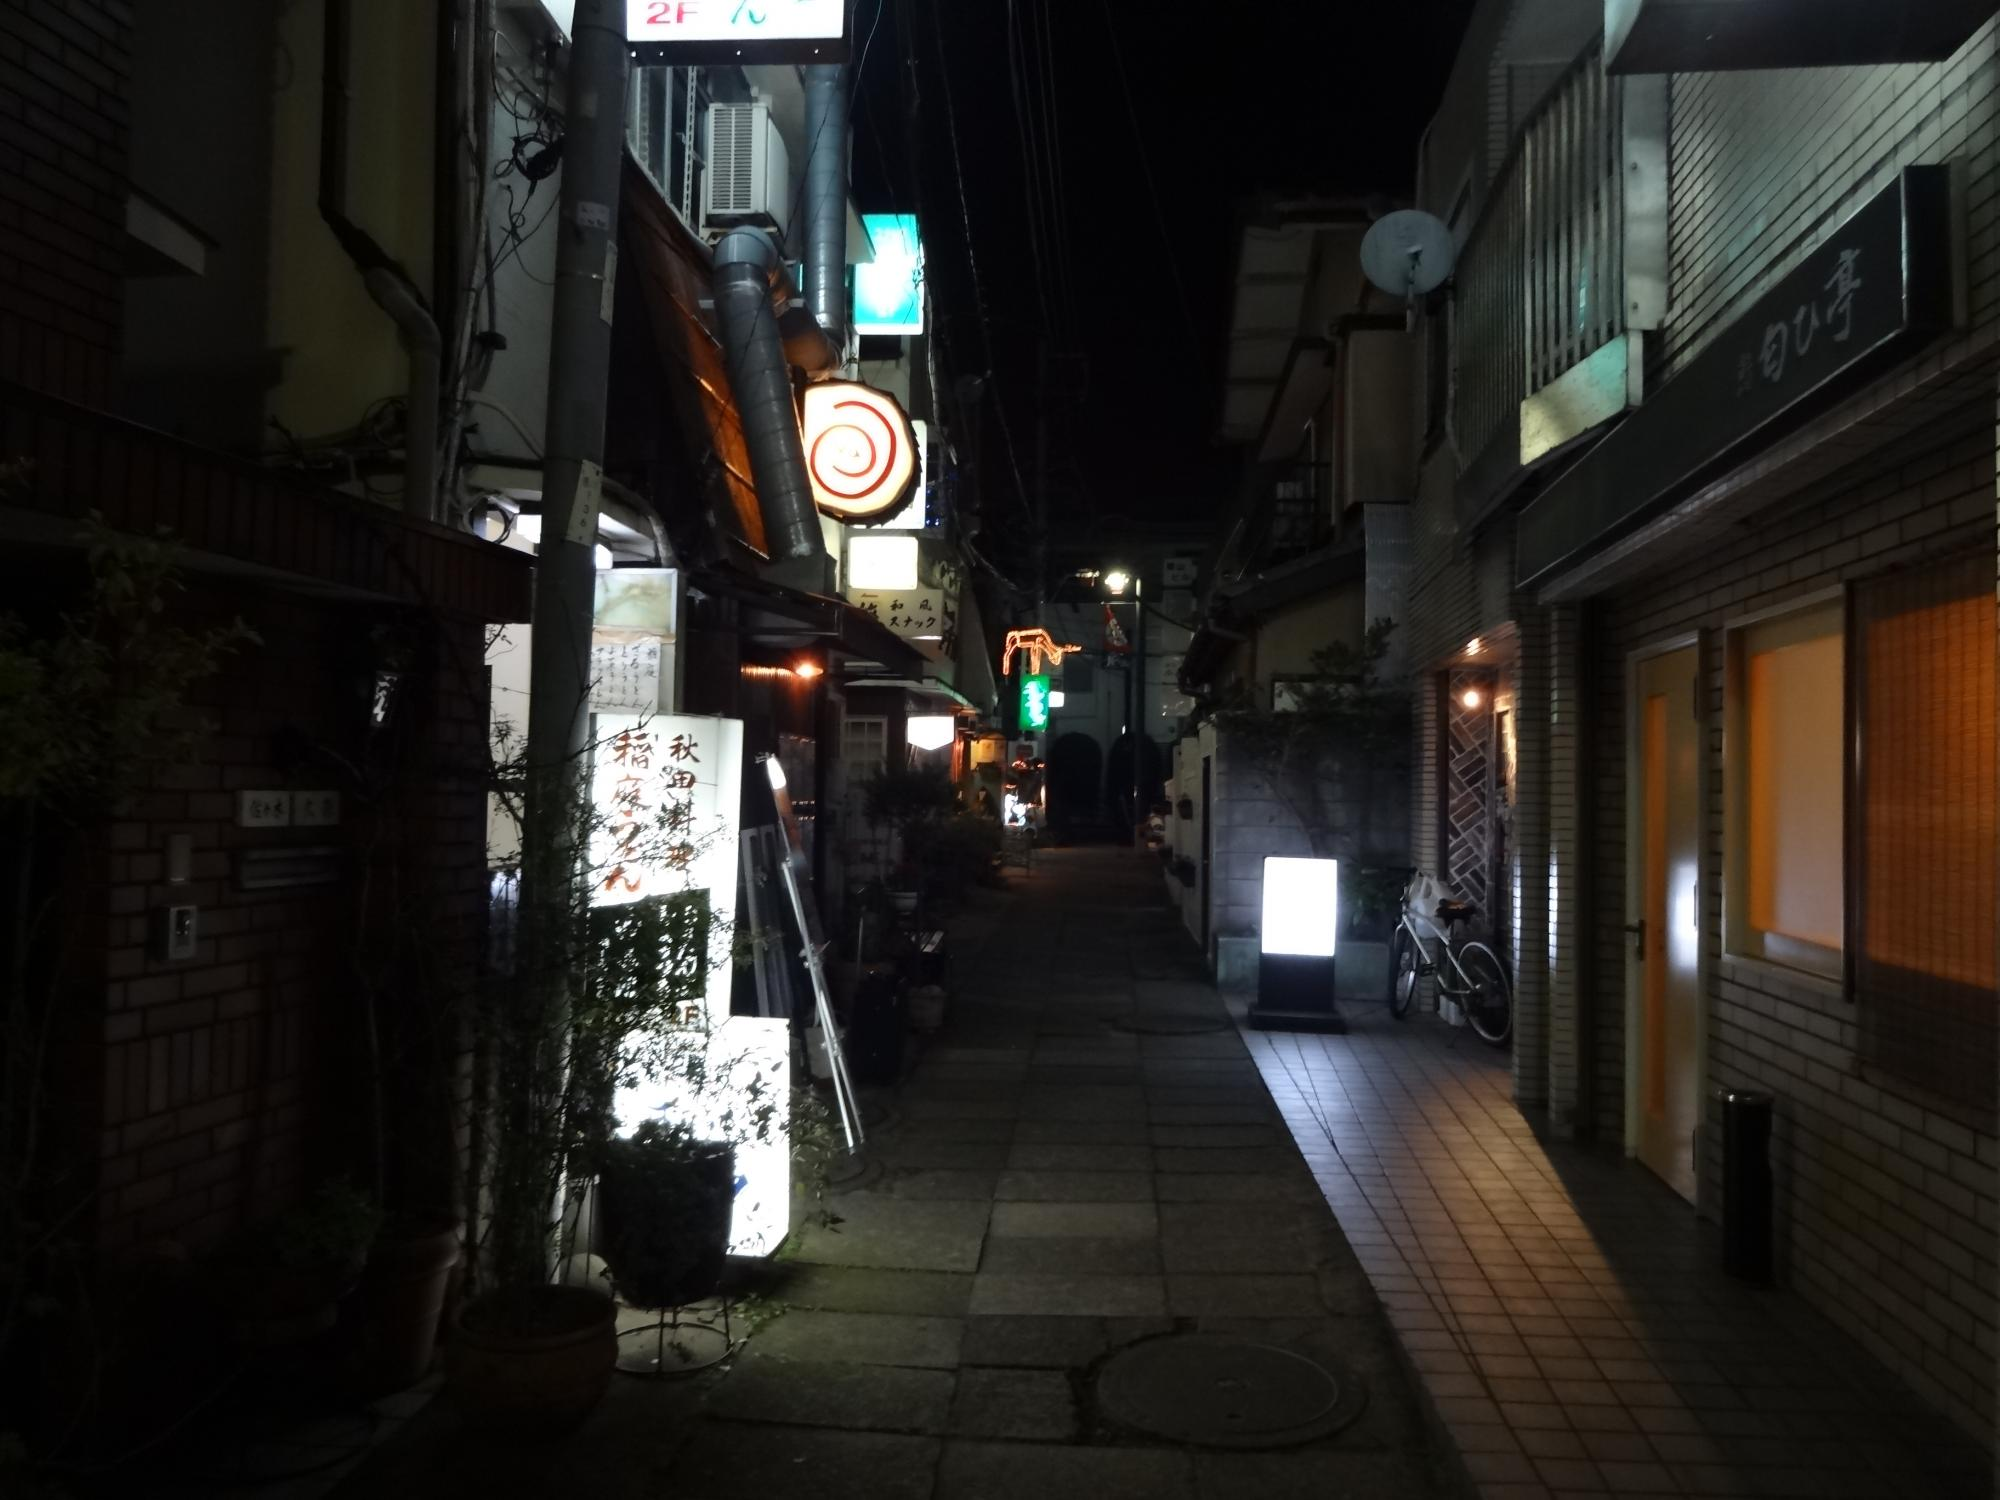 鎌倉の飲み屋街